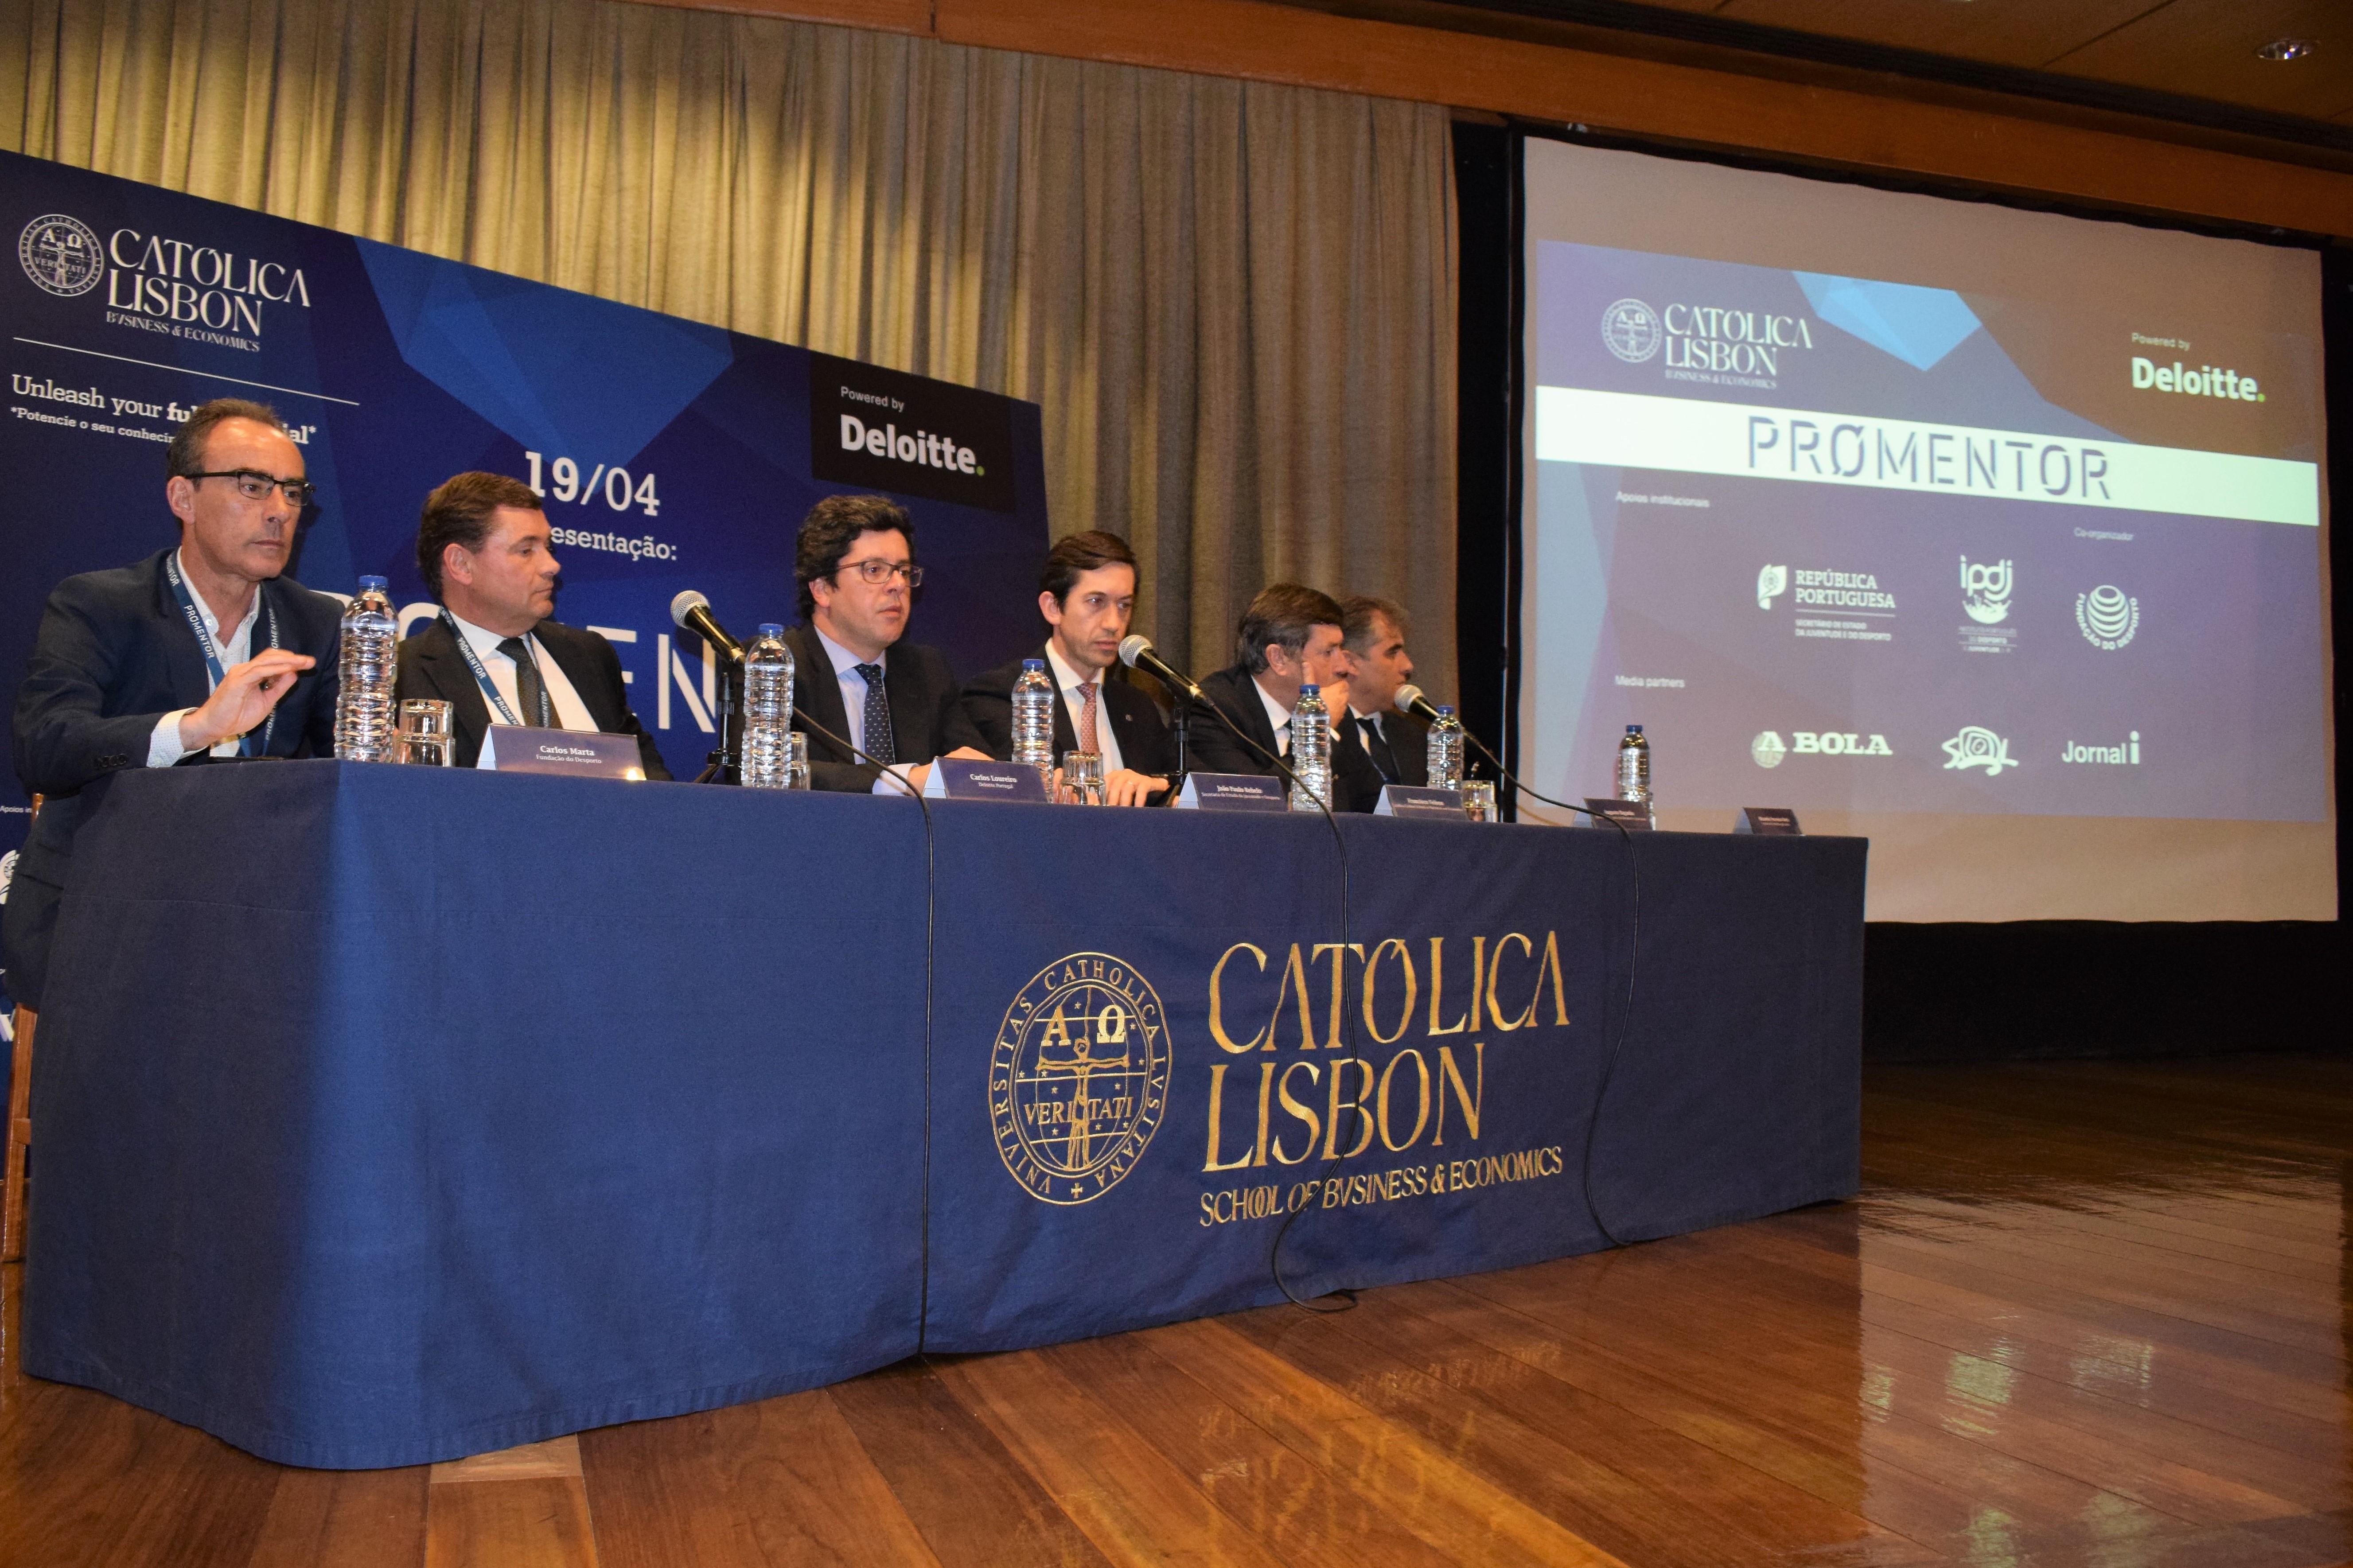 Fundação do Desporto, Católica Lisbon School of Business & Economics e Deloitte apresentam PROMENTOR DESPORTO